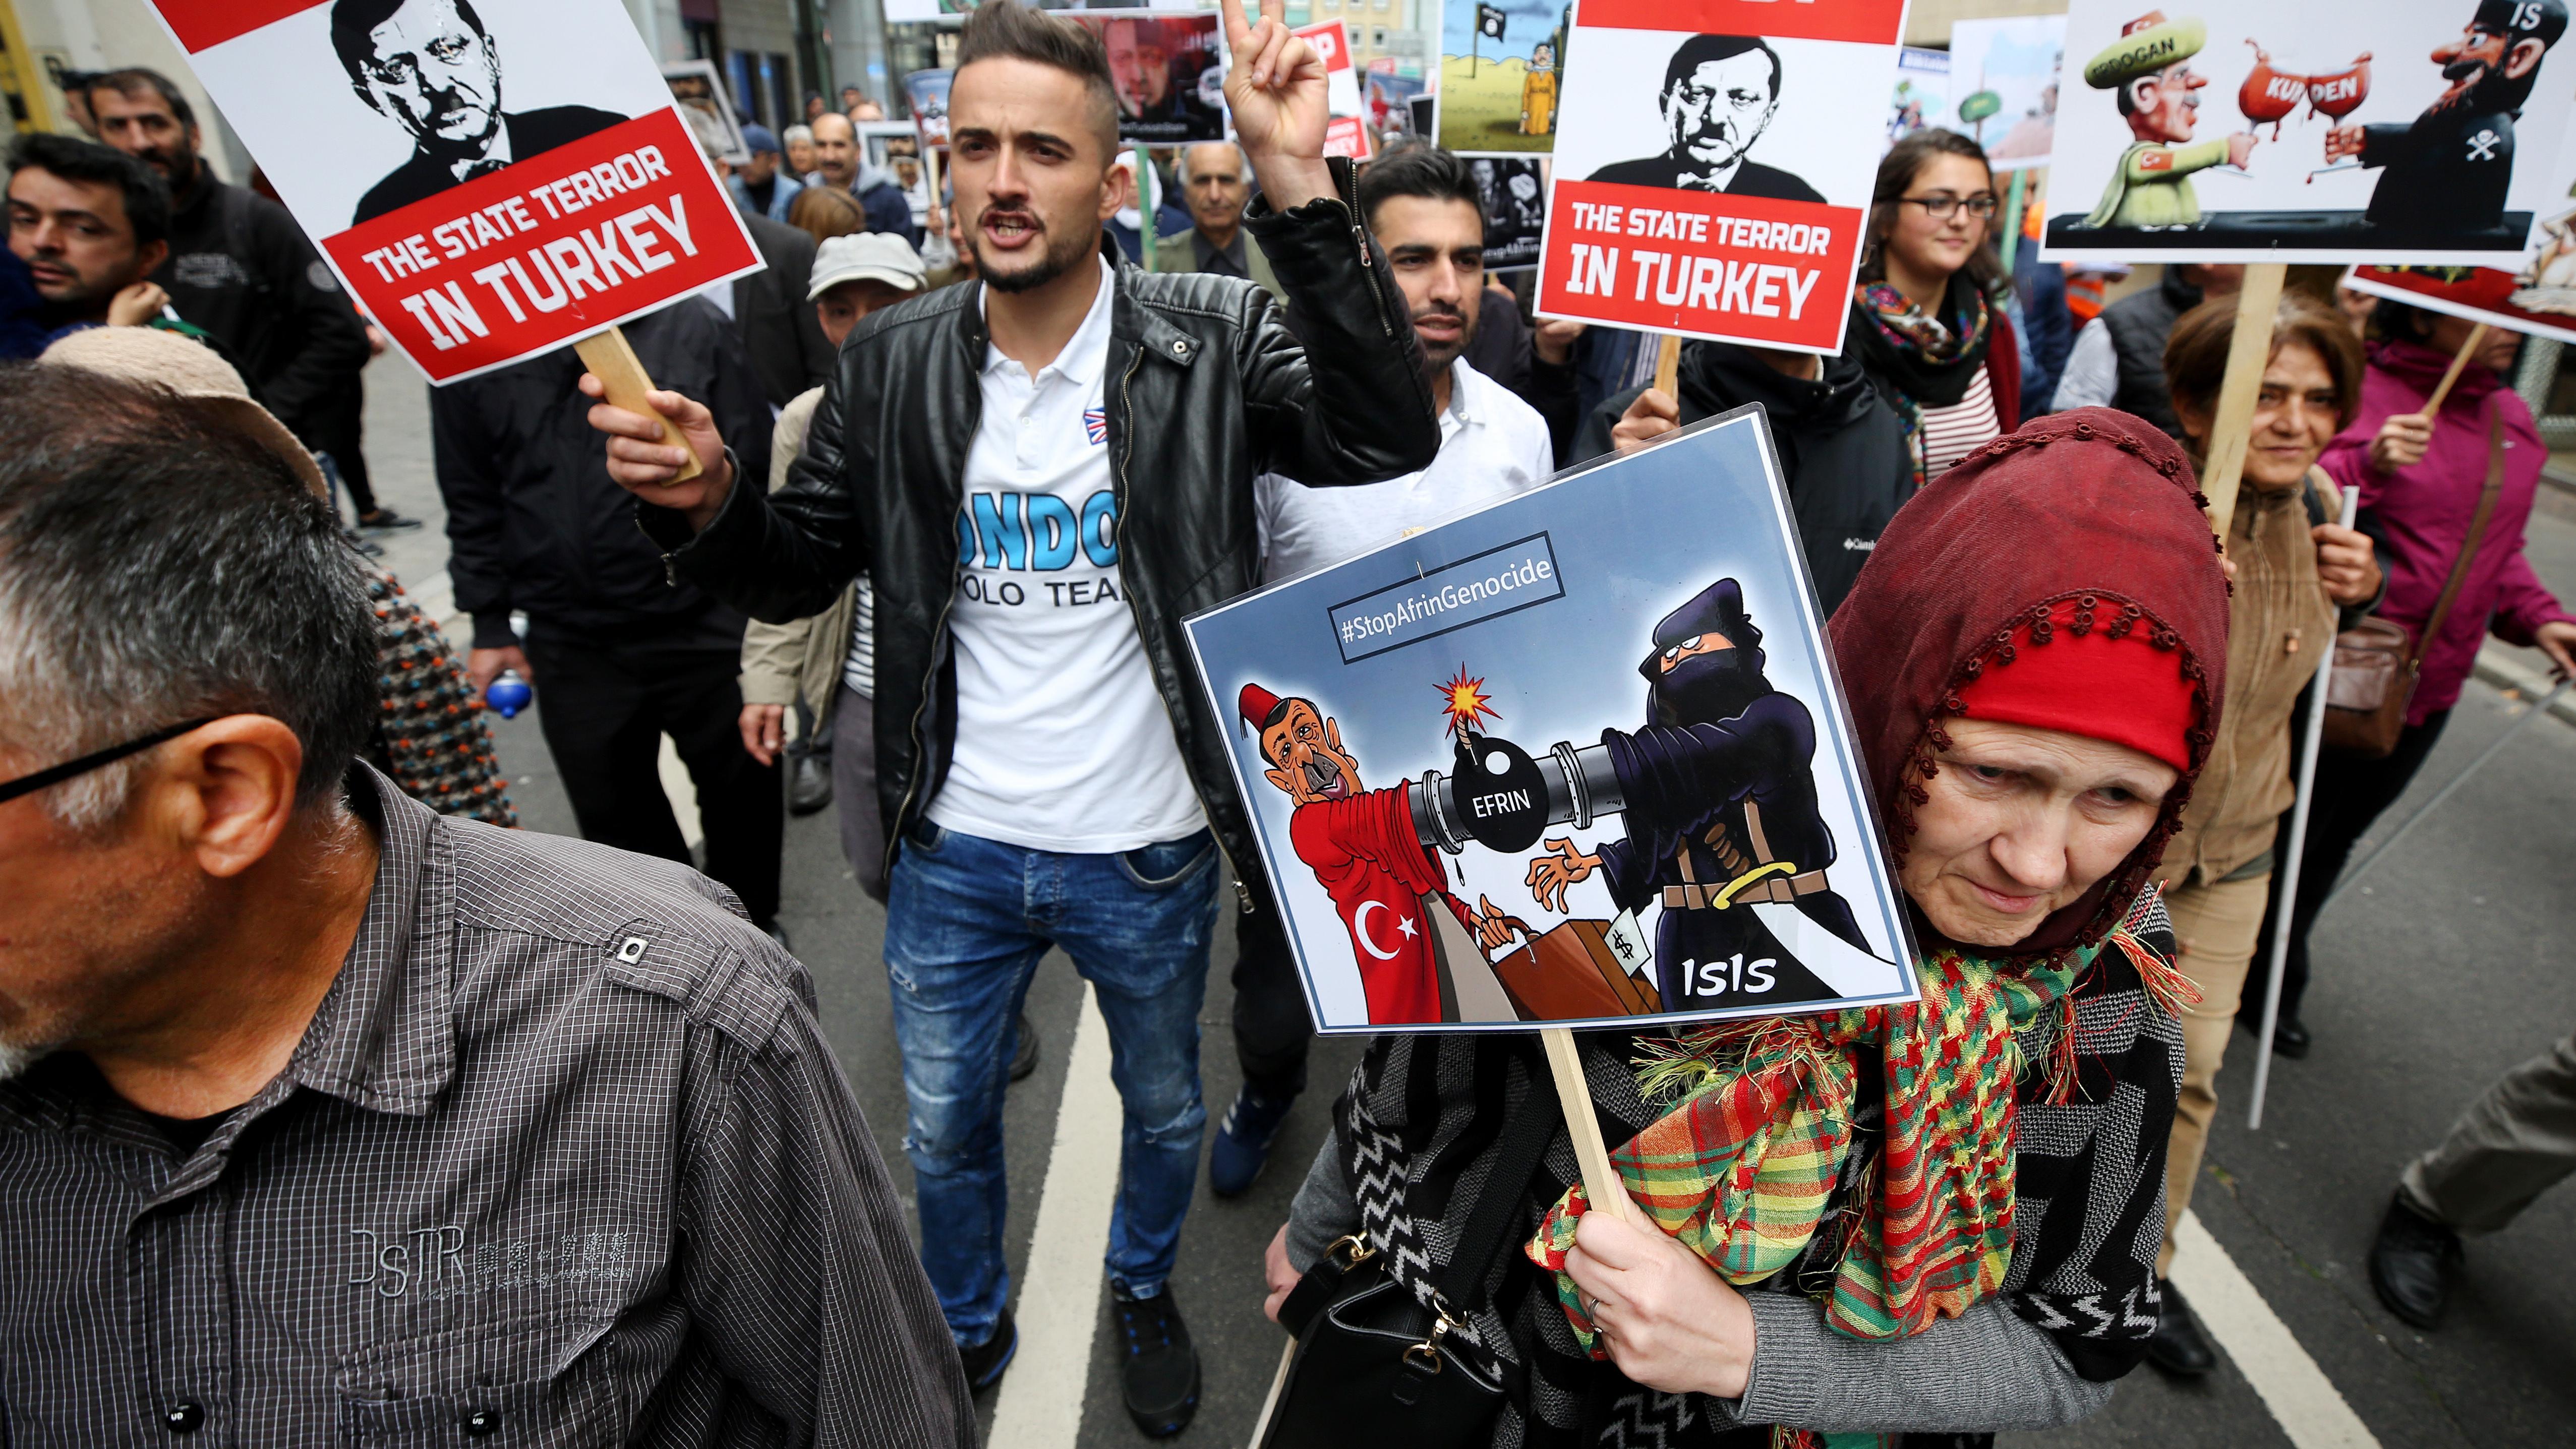 Proteste gegen den geplanten Besuch des türkischen Staatspräsidenten Erdogan